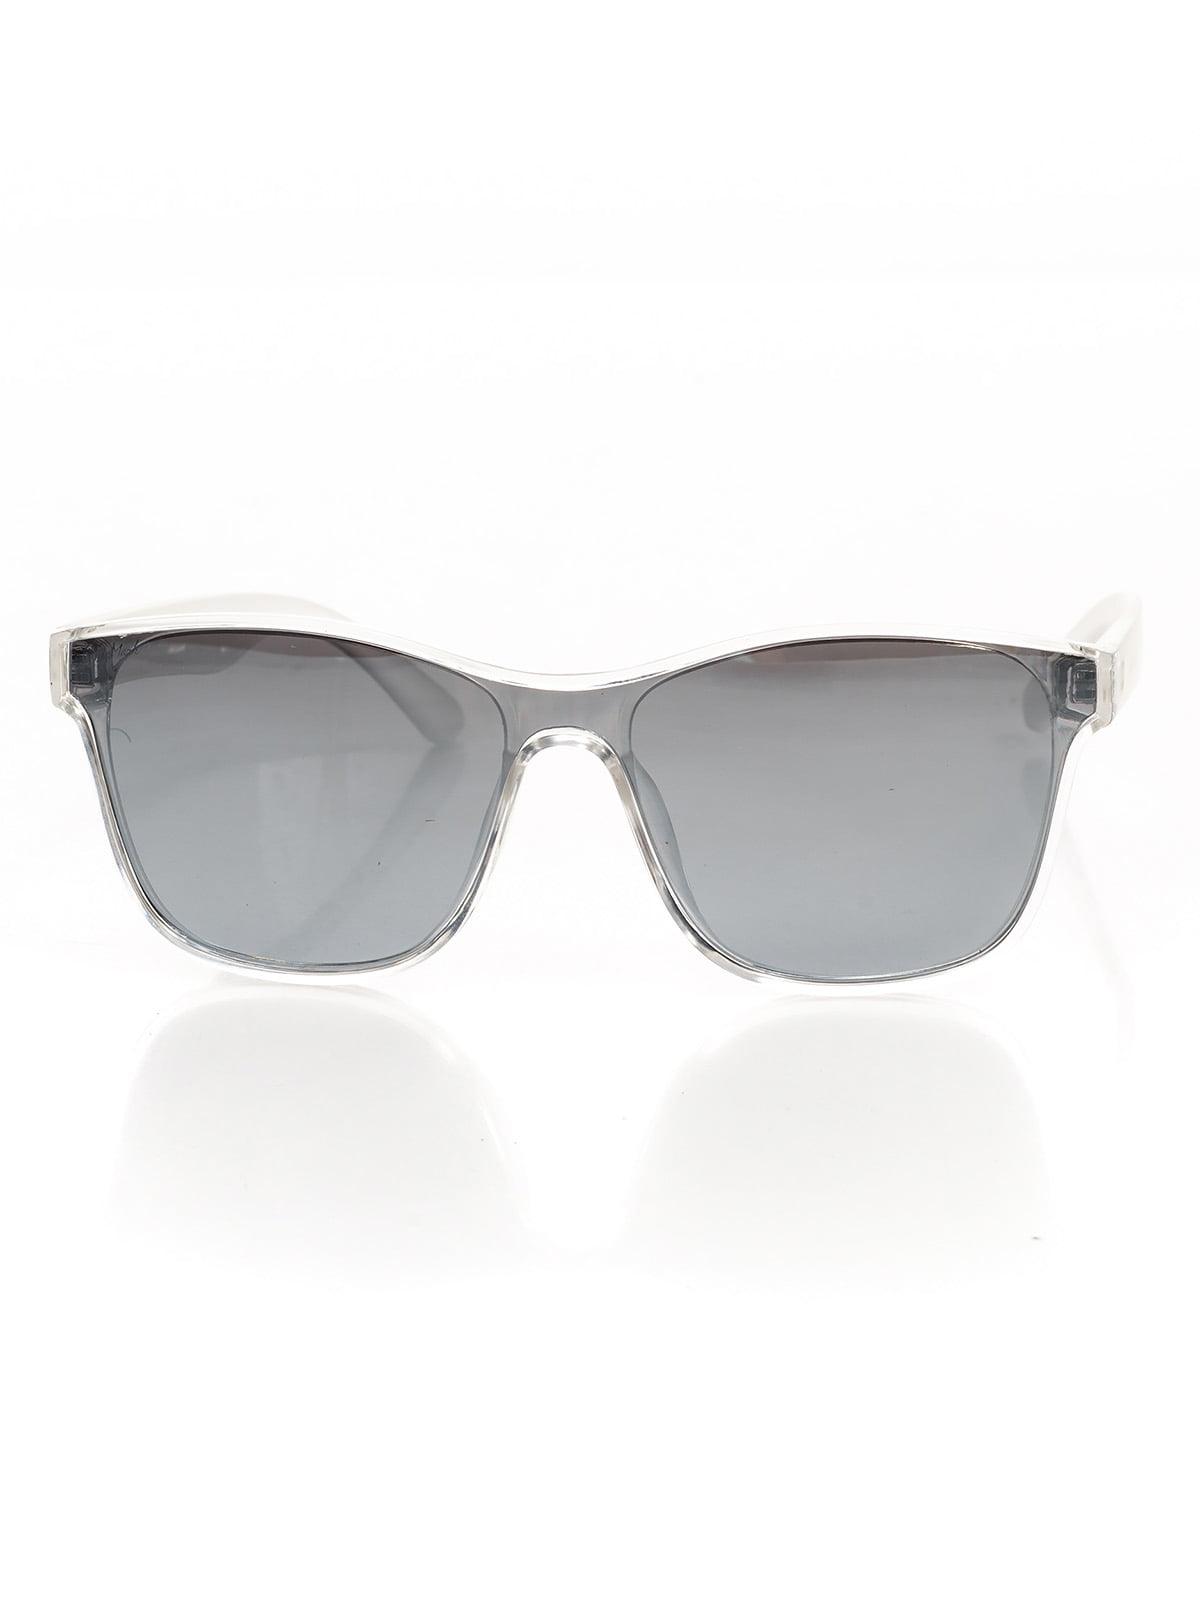 Очки солнцезащитные | 4488675 | фото 2